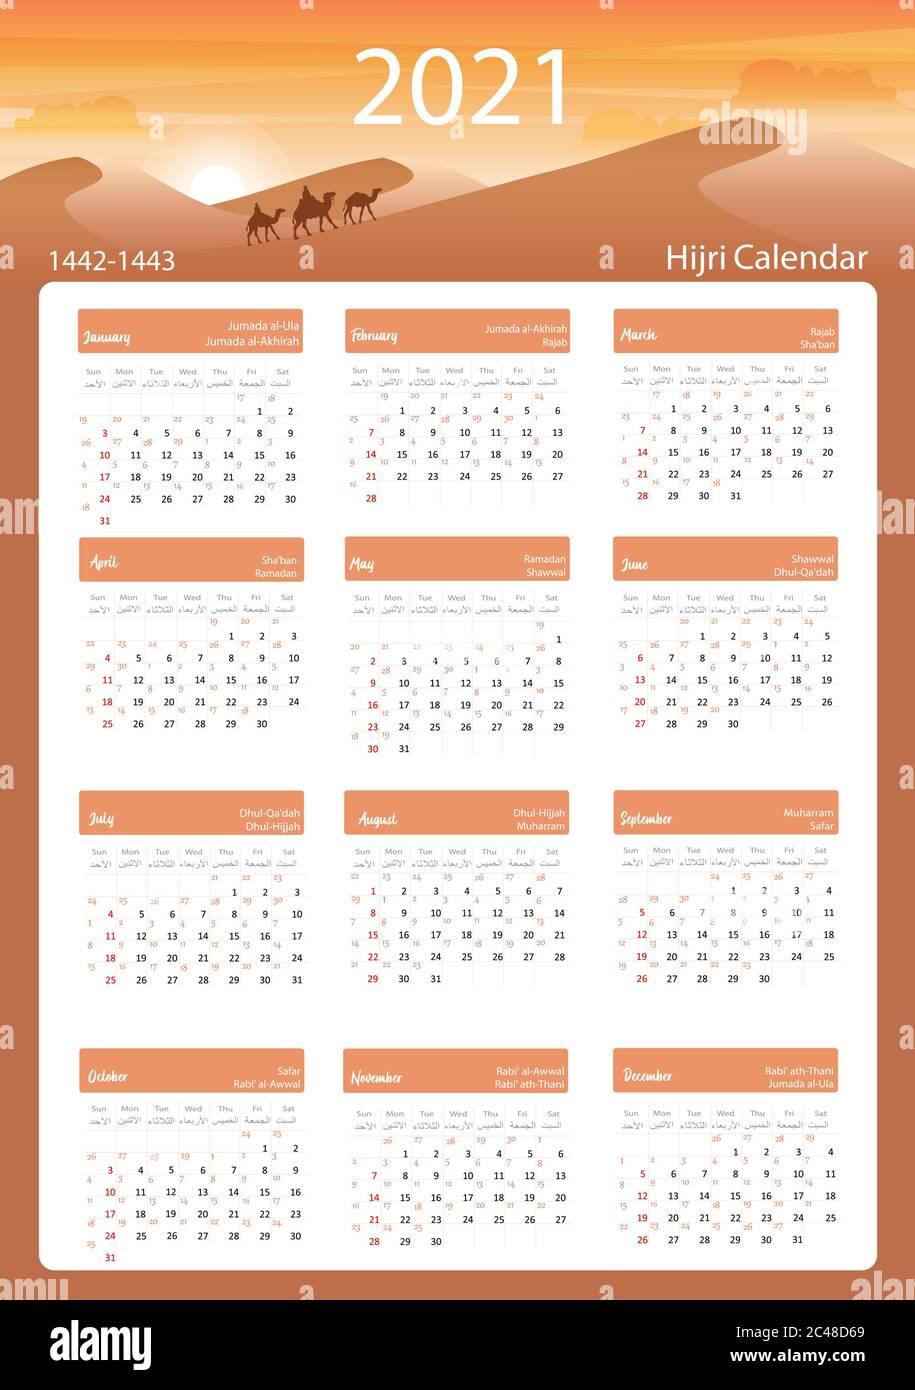 Calendrier Islamique 2021 Calendrier Islamique Banque d'image et photos   Alamy